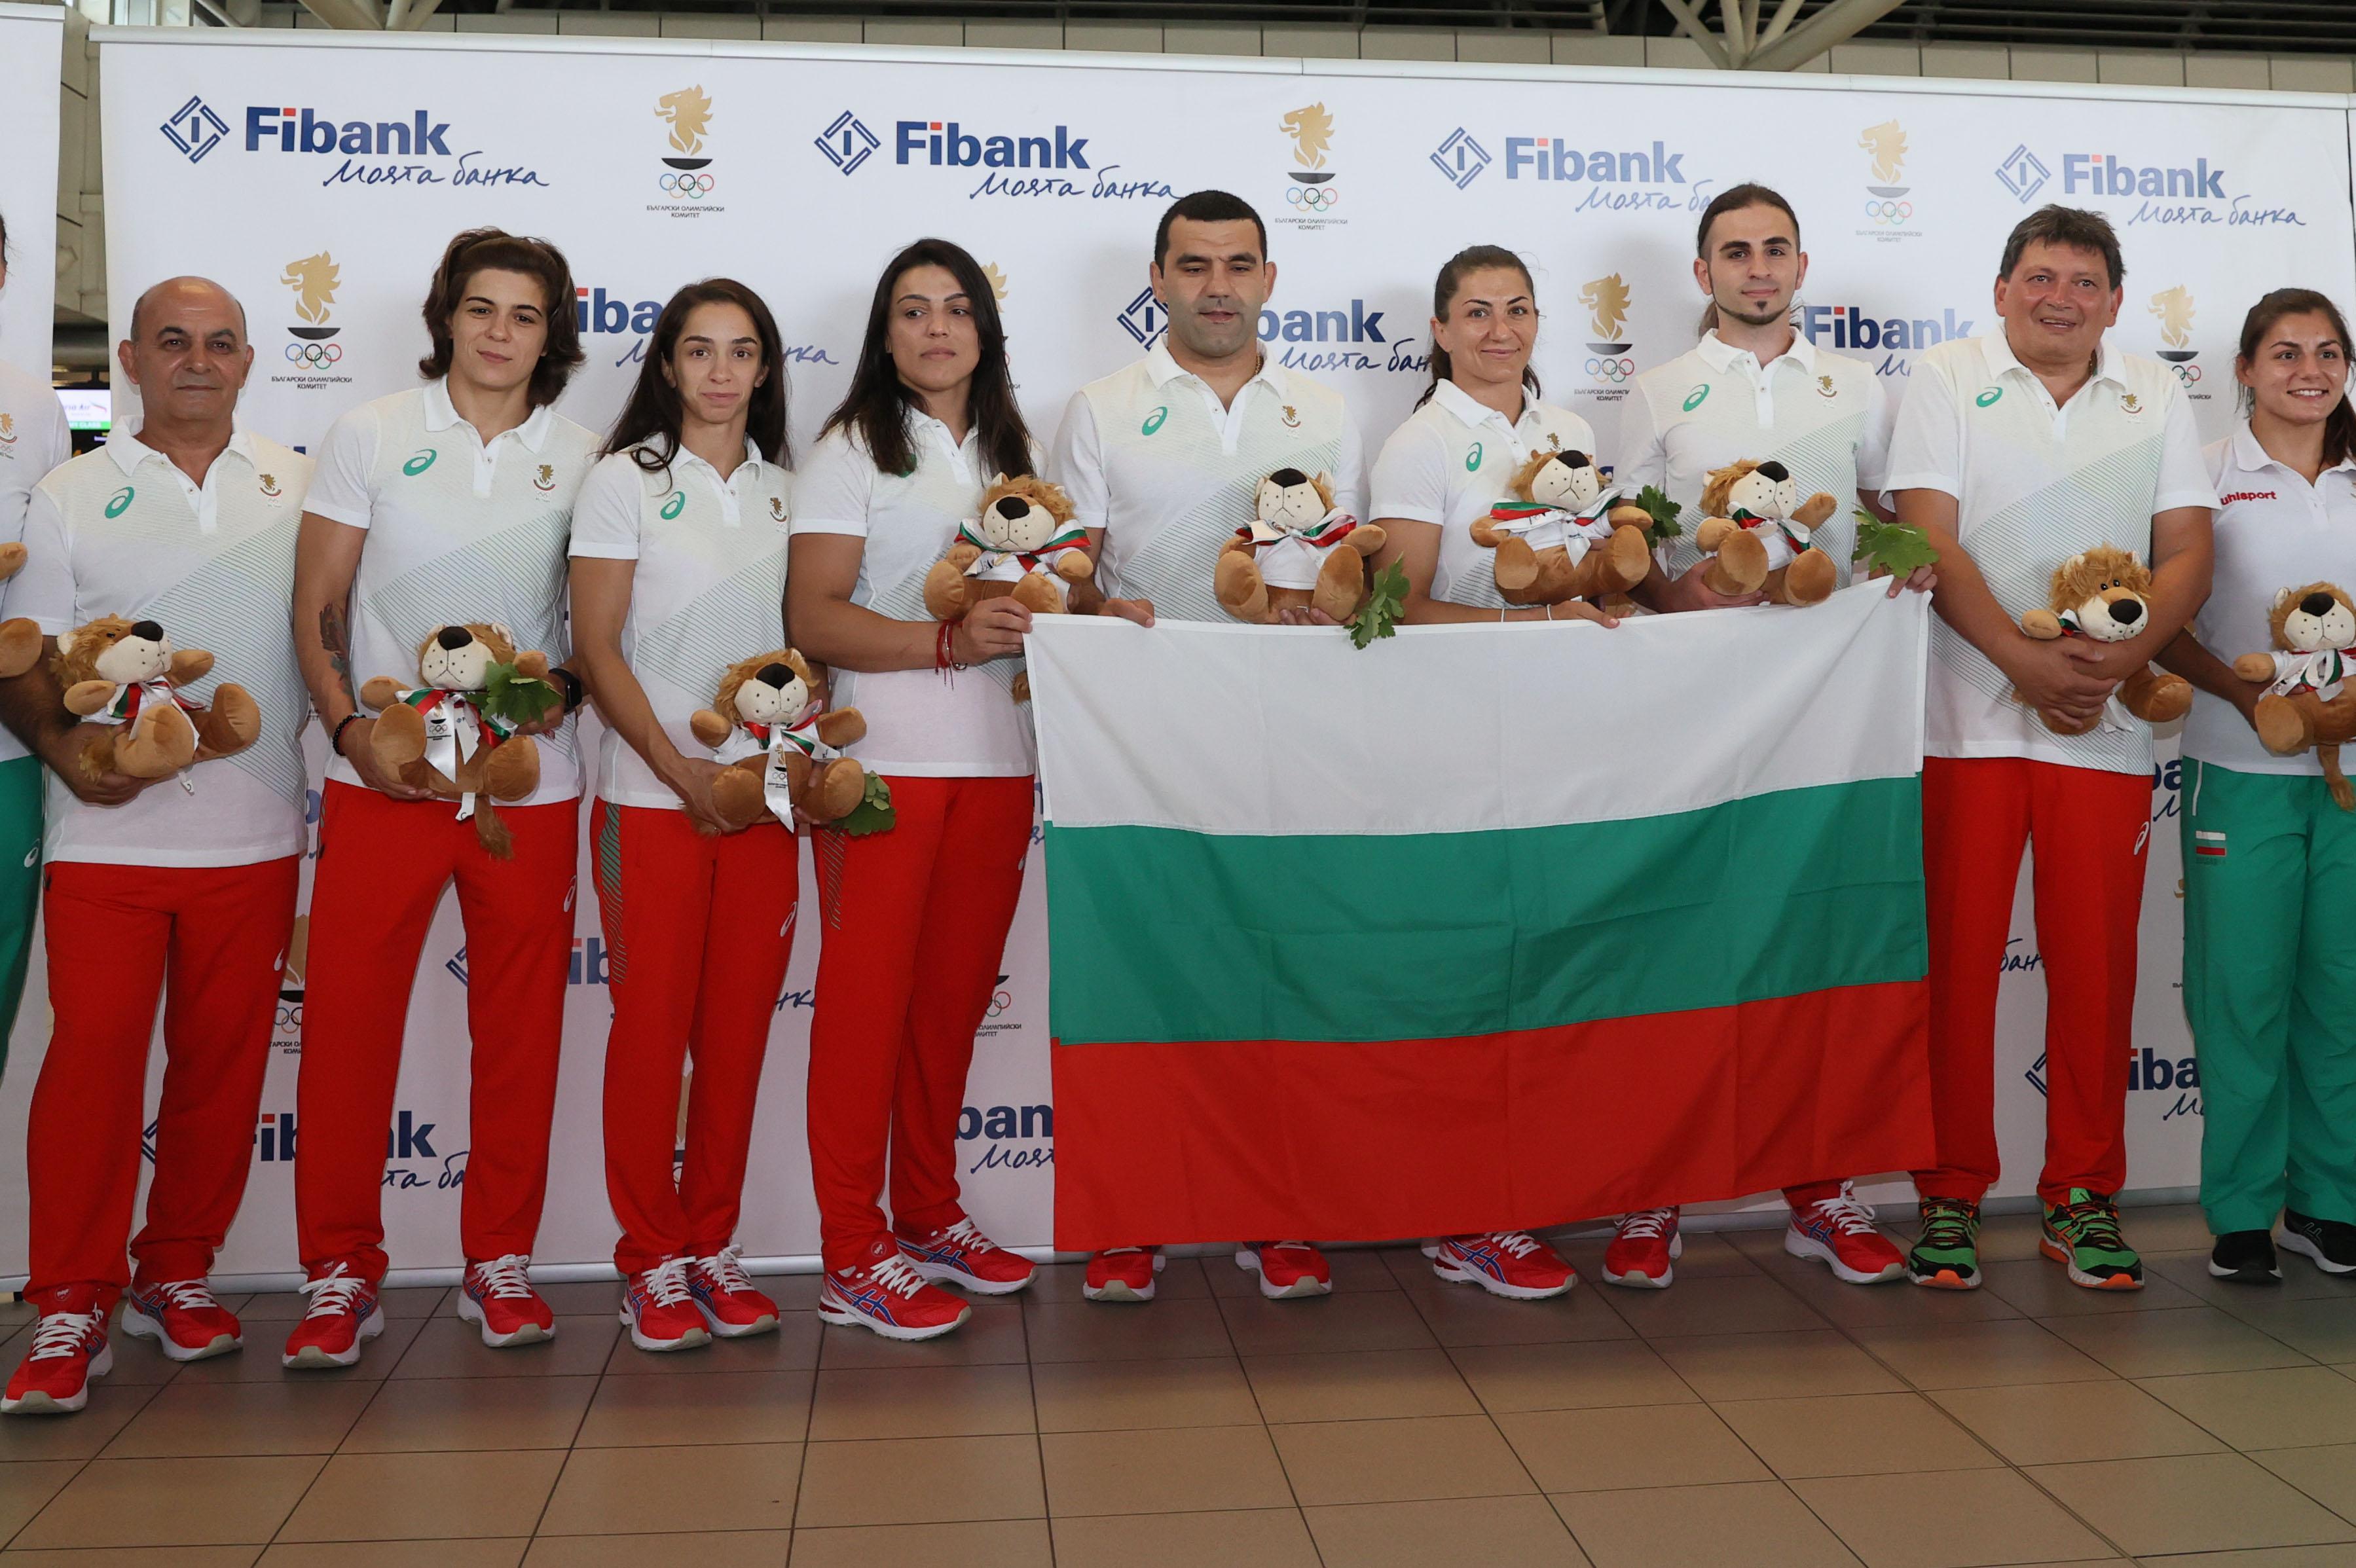 С националния флаг и лъвчета за късмет олимпийците отлетяха от София за Ток